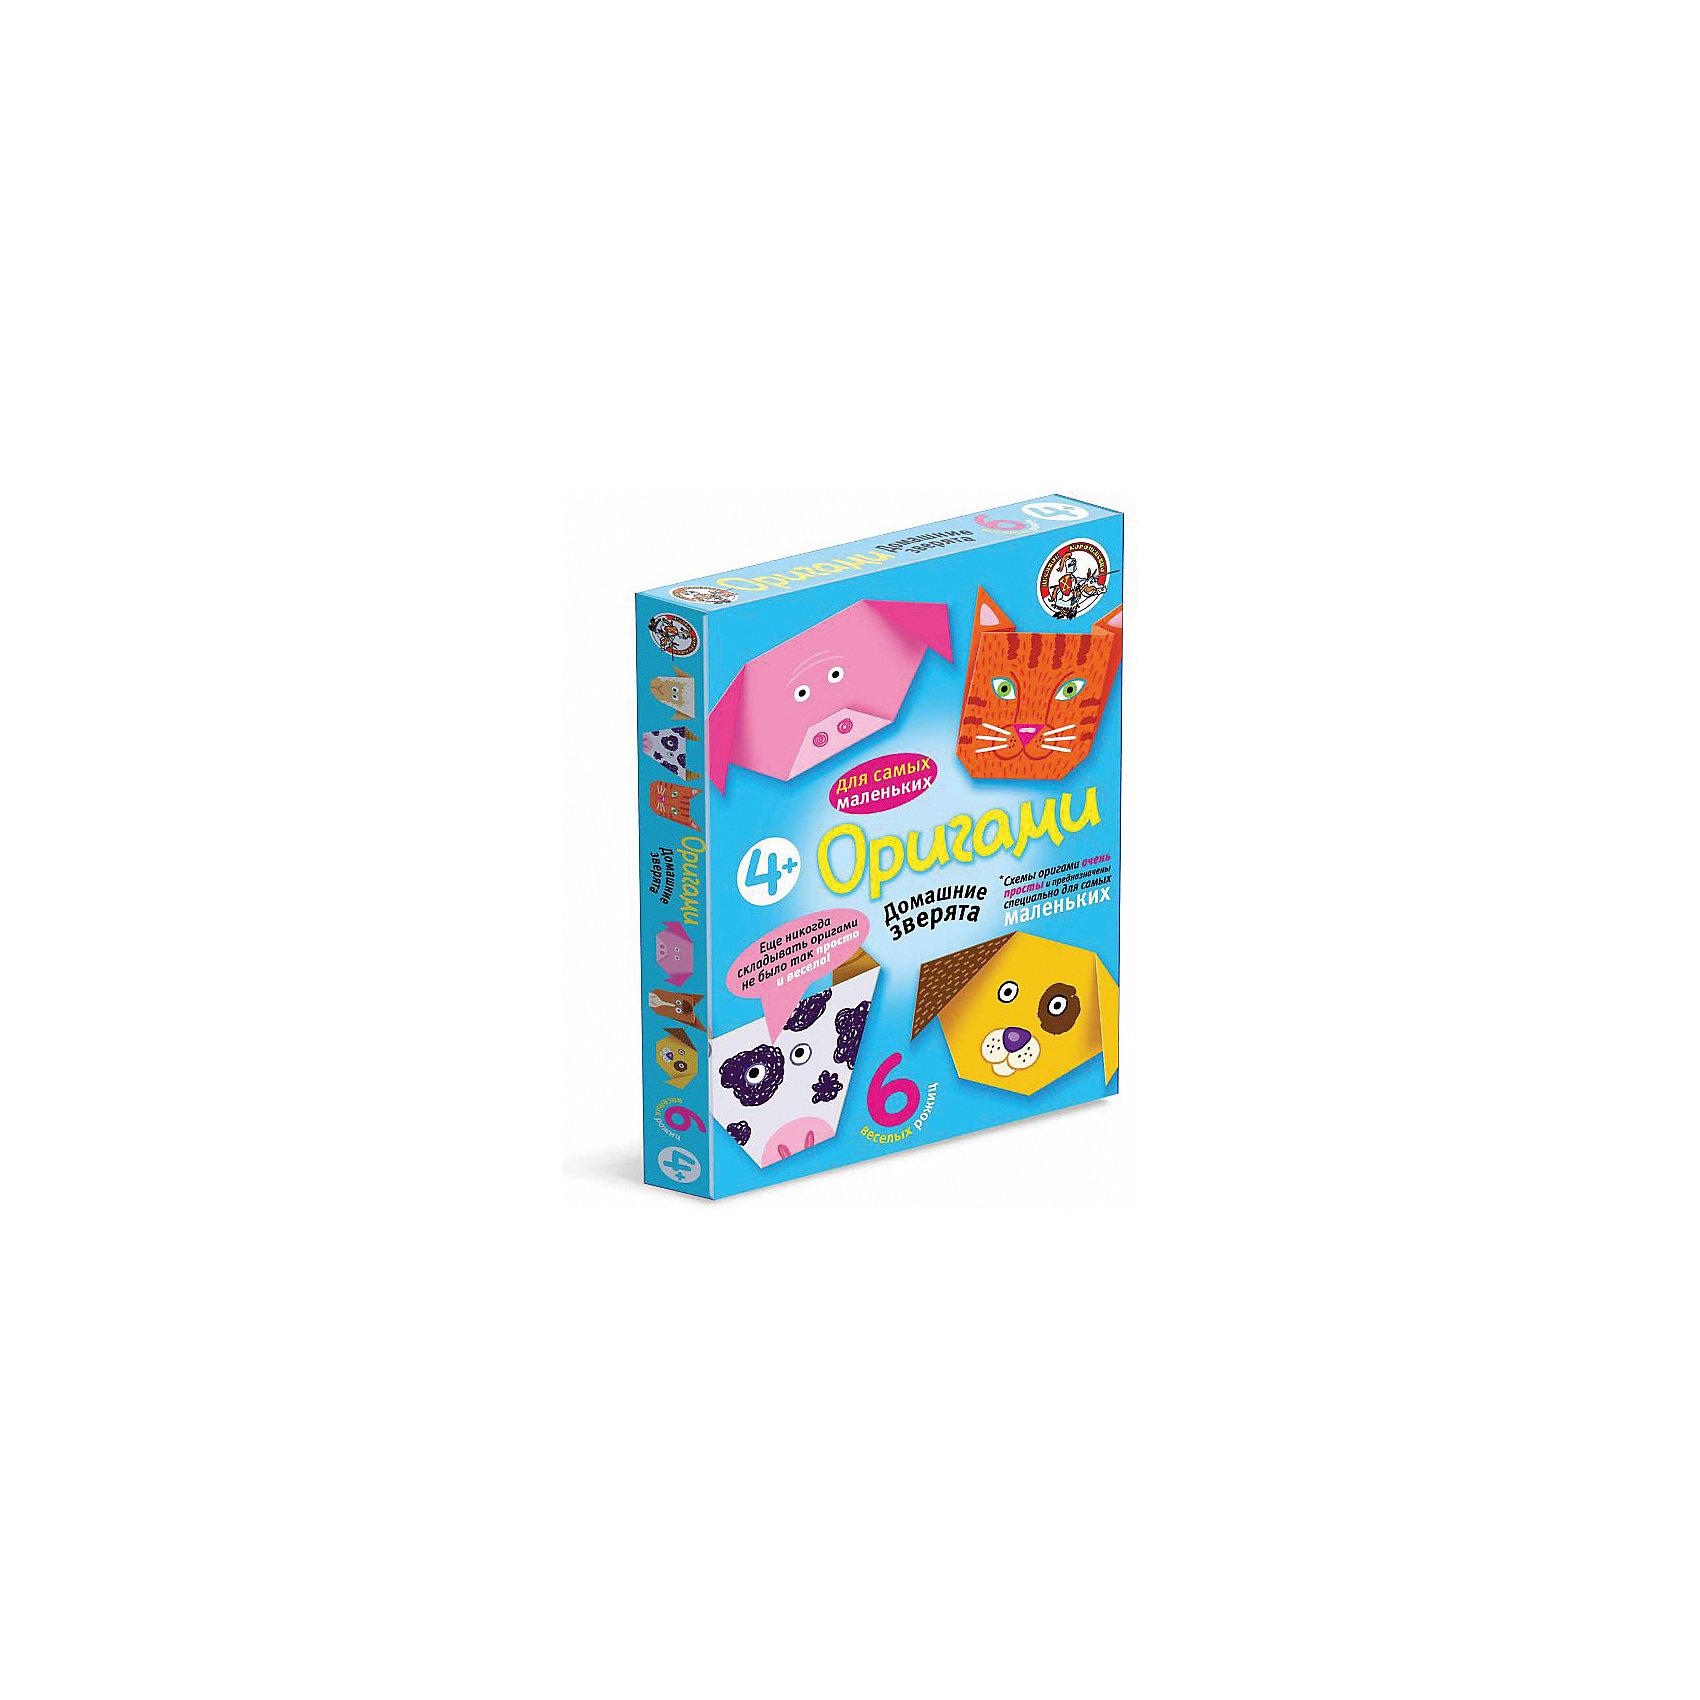 Оригами Домашние зверята, Десятое королевствоРукоделие<br>Оригами Домашние зверята, Десятое королевство<br><br>Характеристики:<br><br>• Возраст: от 4 лет<br>• В комплекте: 6 листов для оригами, схемы<br>• Материал: бумага<br><br>Этот набор даст вашему ребенку приобщиться к японскому искусству оригами - складыванию различных фигурок из бумаги. В данном наборе содержатся 6 плотных листов, на которые нанесен специальный рисунок, сложив лист по которому, ребенок в итоге получит объемную мордочку животного. Схемы очень просты для понимания и с ними справится даже малыш.<br><br>Оригами Домашние зверята, Десятое королевство можно купить в нашем интернет-магазине.<br><br>Ширина мм: 170<br>Глубина мм: 230<br>Высота мм: 25<br>Вес г: 96<br>Возраст от месяцев: 84<br>Возраст до месяцев: 2147483647<br>Пол: Унисекс<br>Возраст: Детский<br>SKU: 5471701